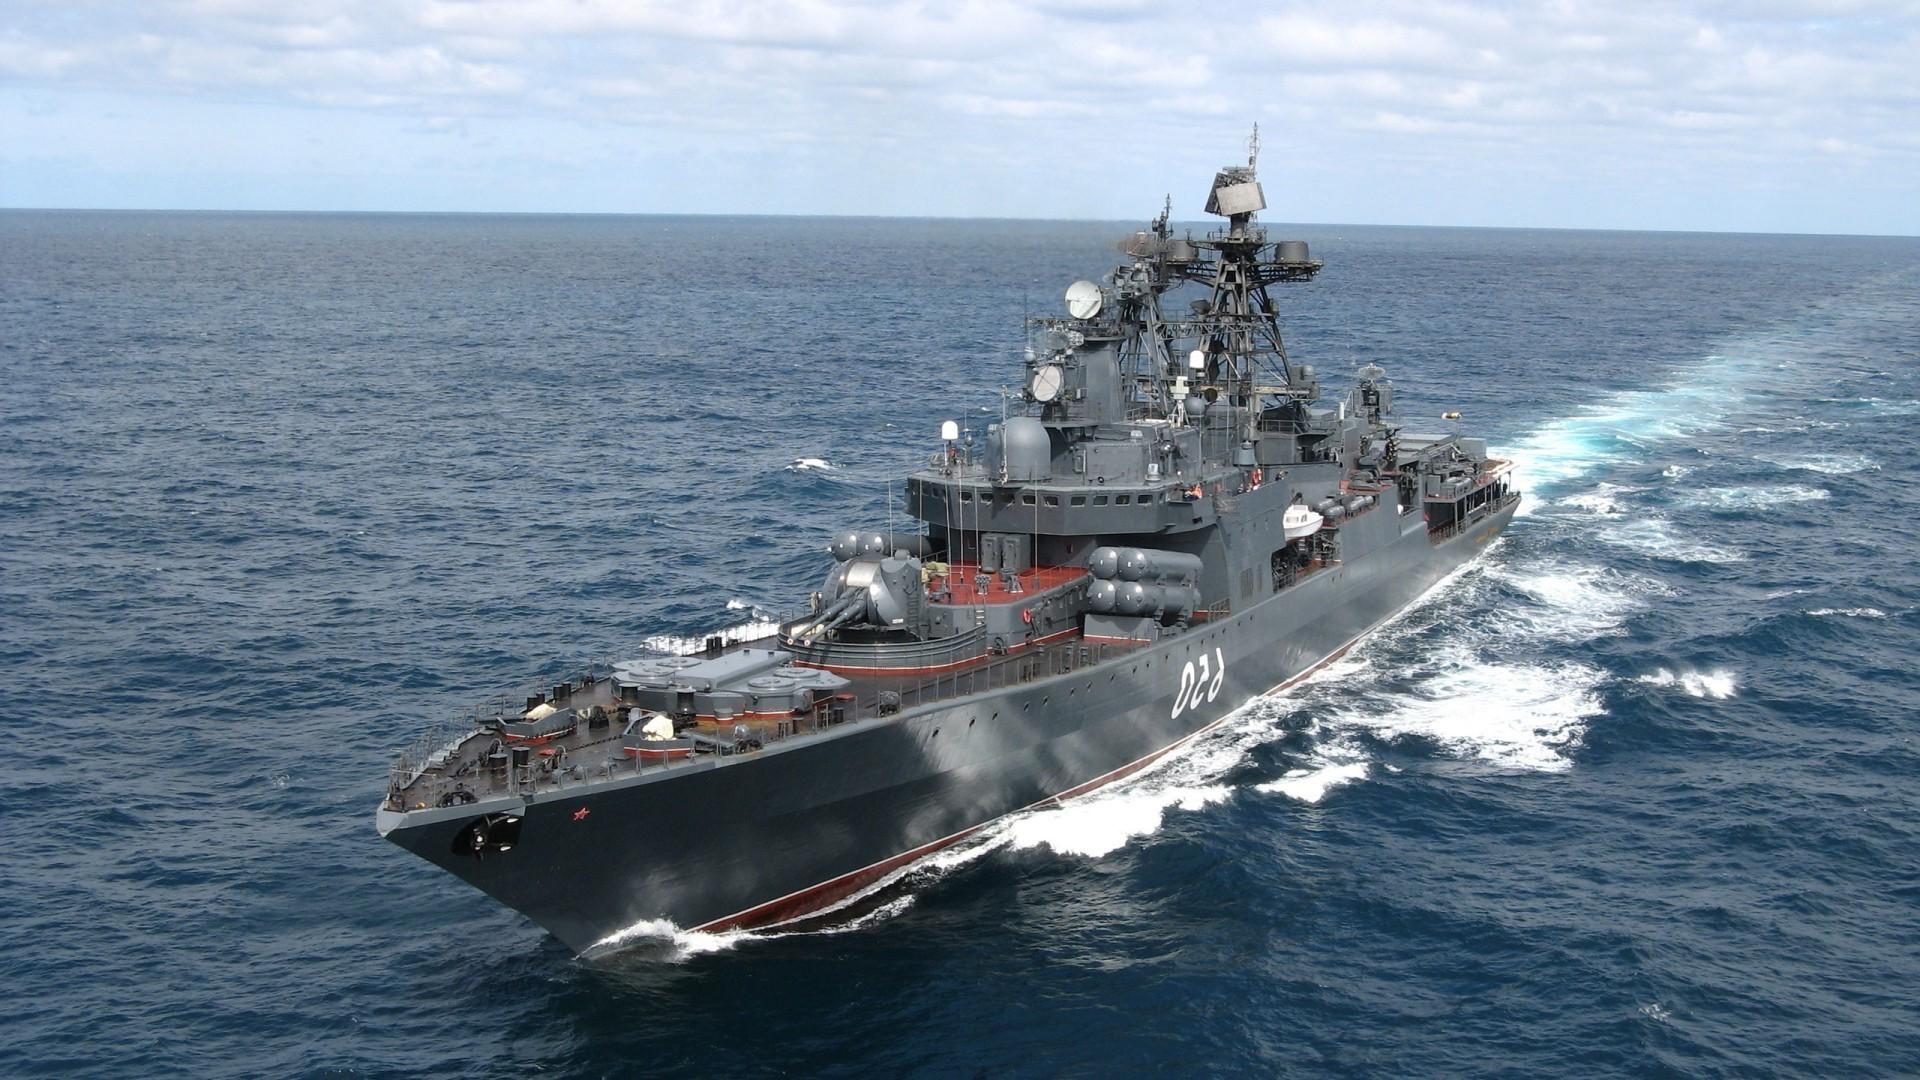 обои на рабочий стол военные корабли россии 1920х1080 № 253213 загрузить